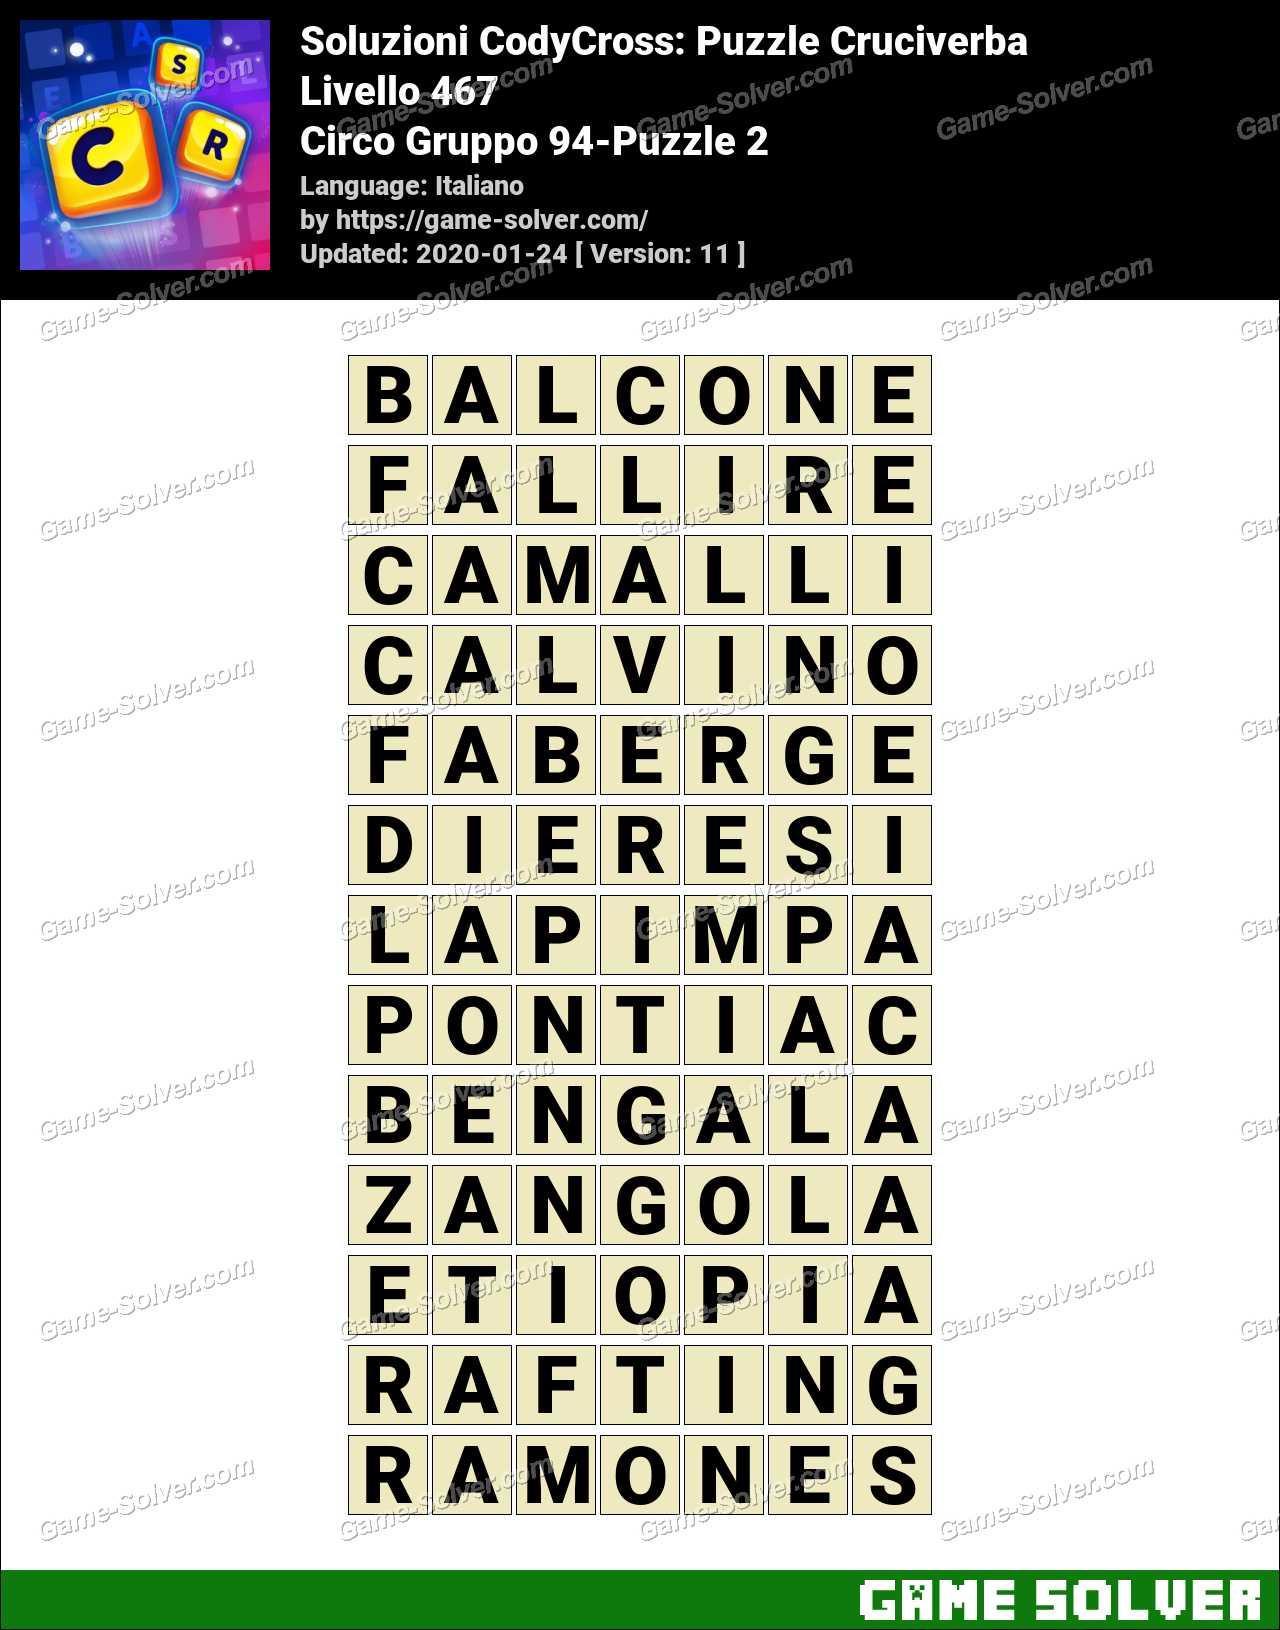 Soluzioni CodyCross Circo Gruppo 94-Puzzle 2